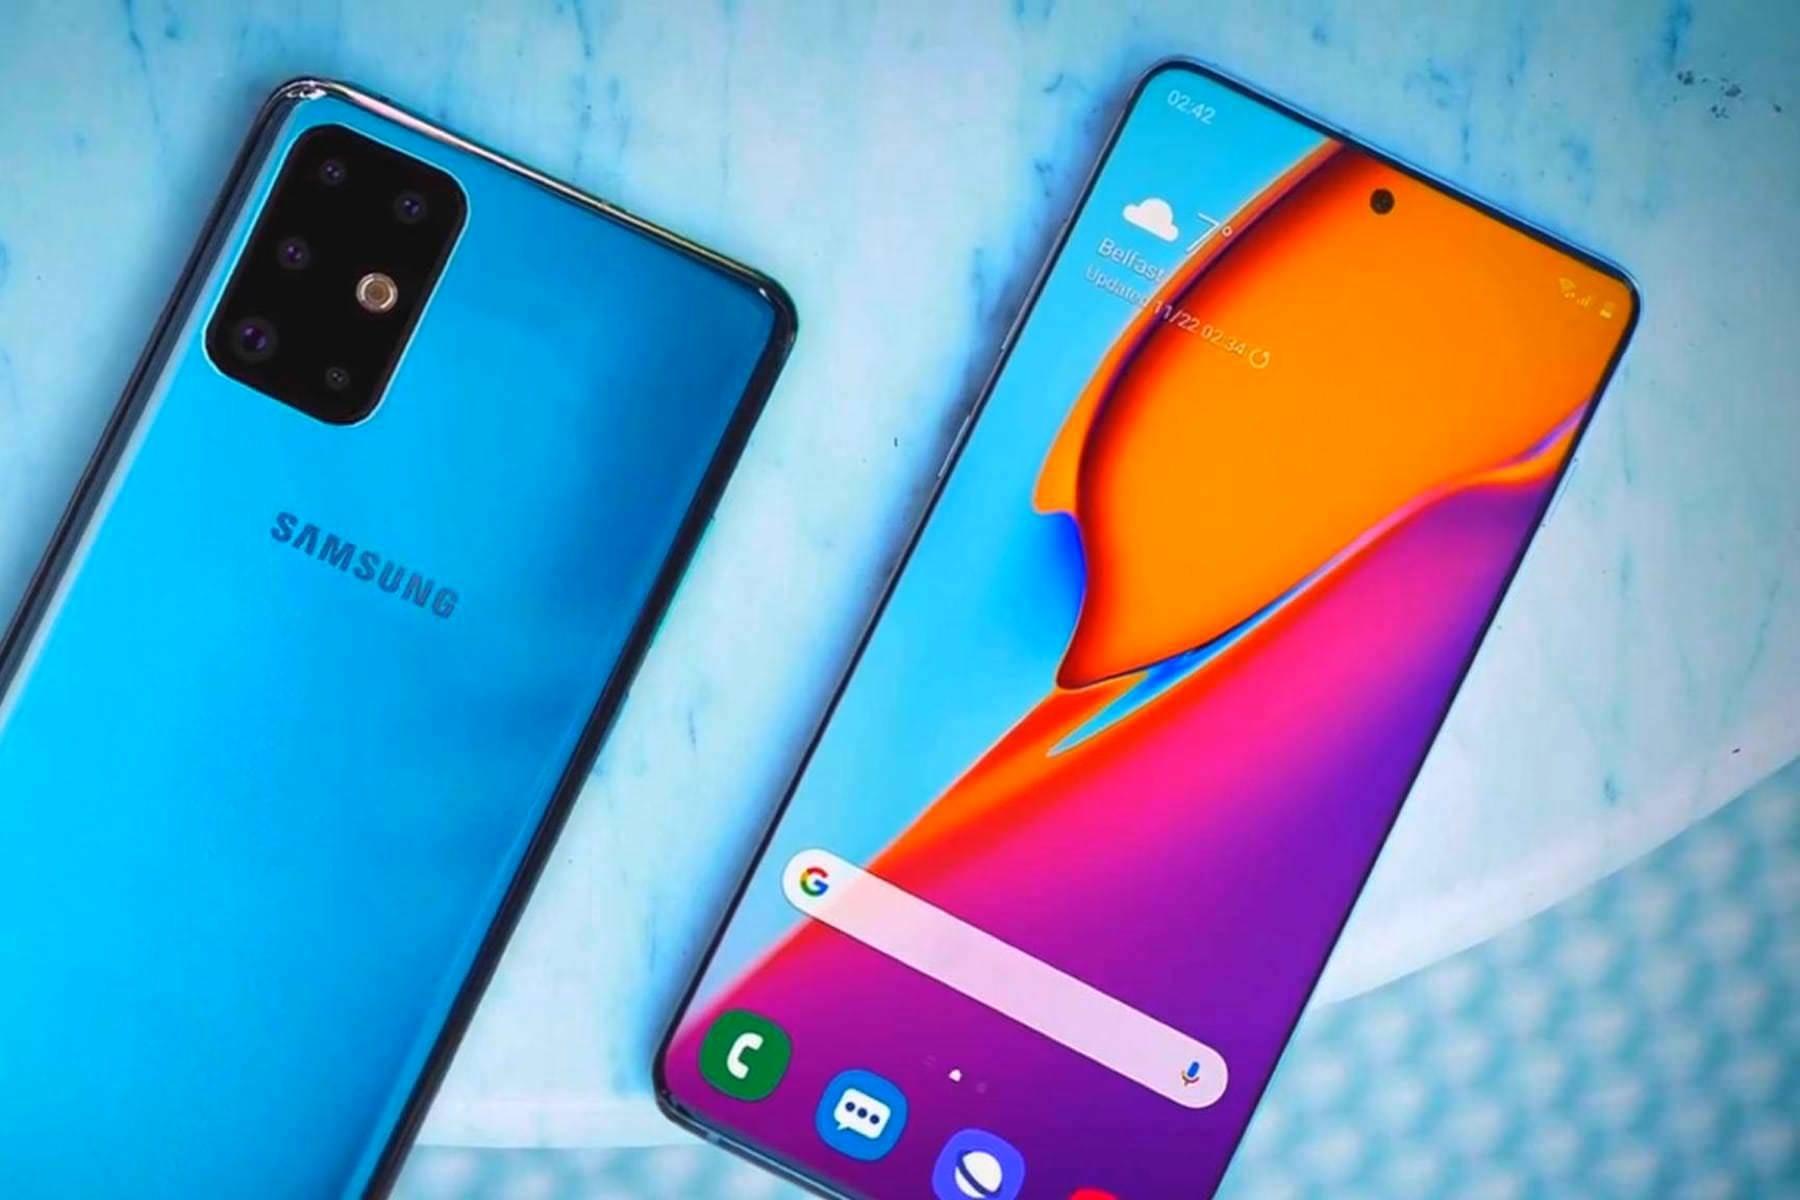 Samsung Galaxy S20, S20 Plus и S20 Ultra - основные сведения